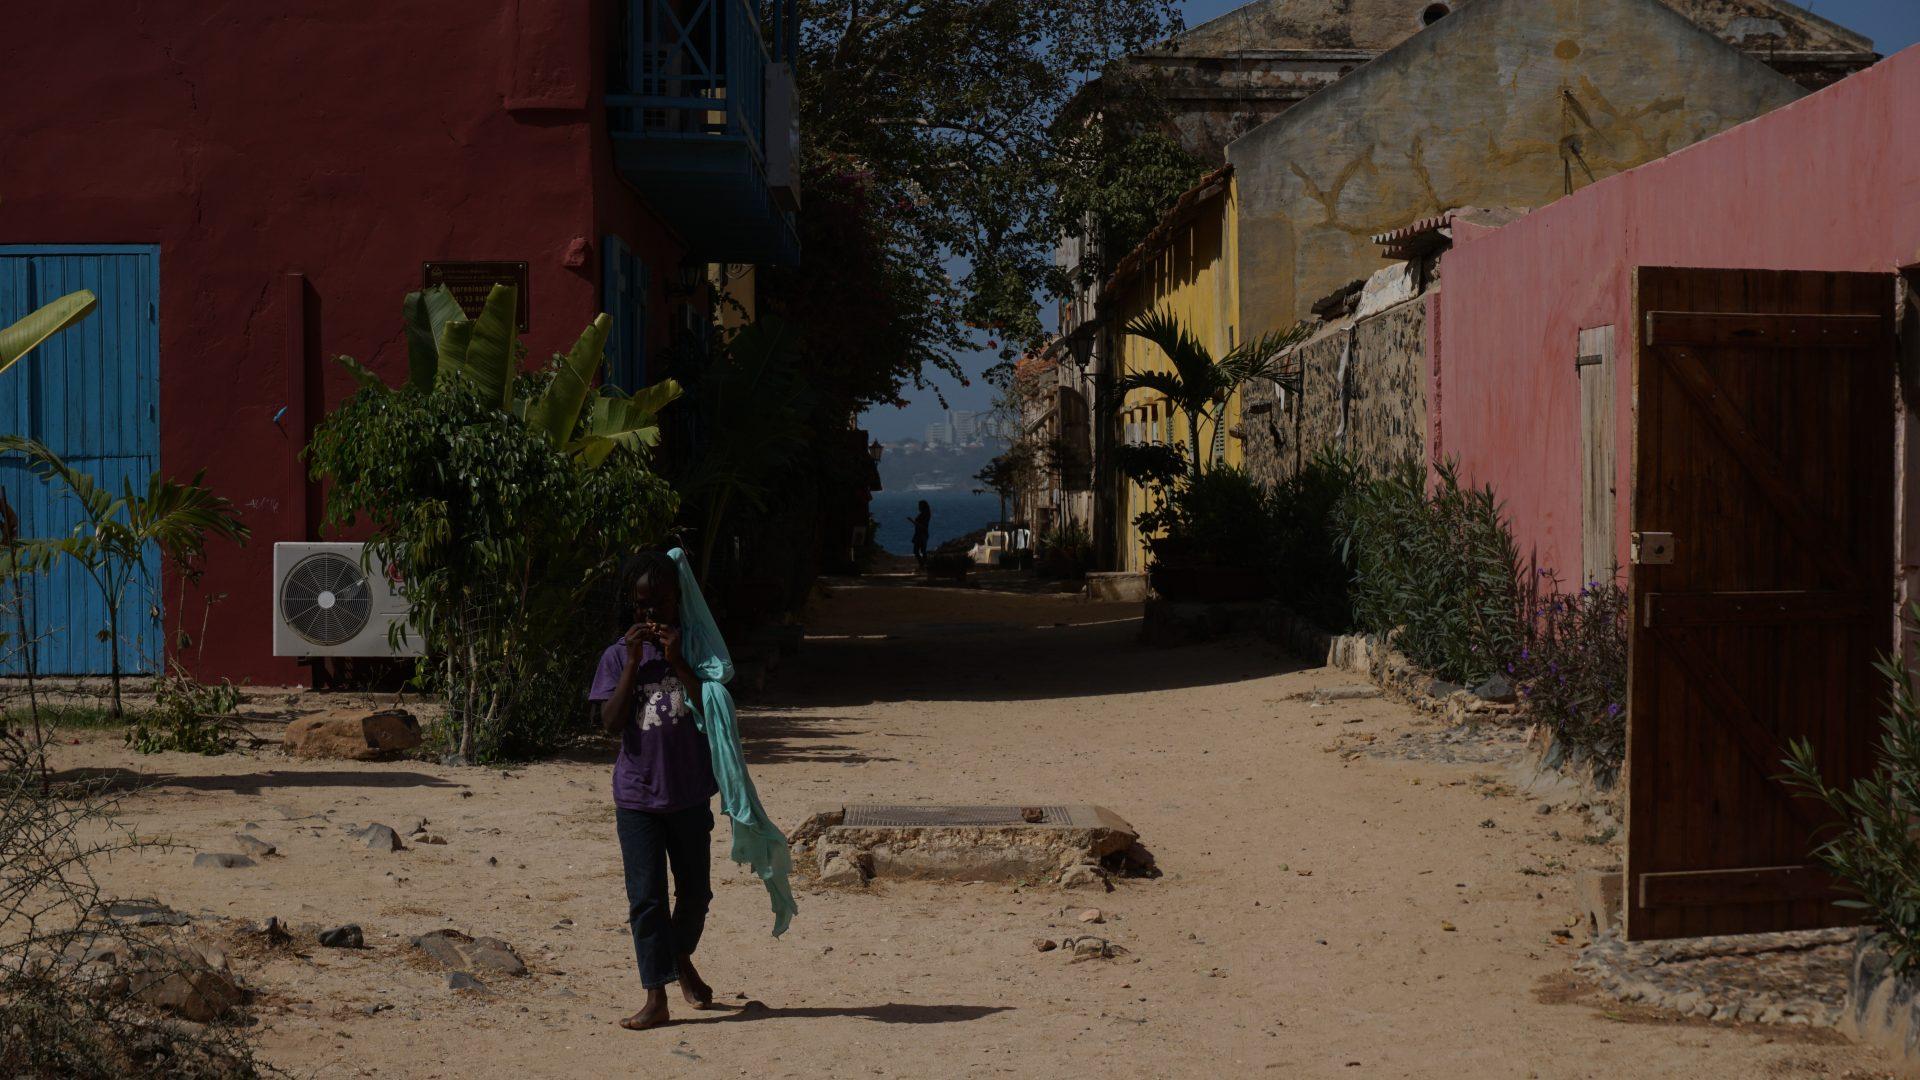 Goreé, Senegal